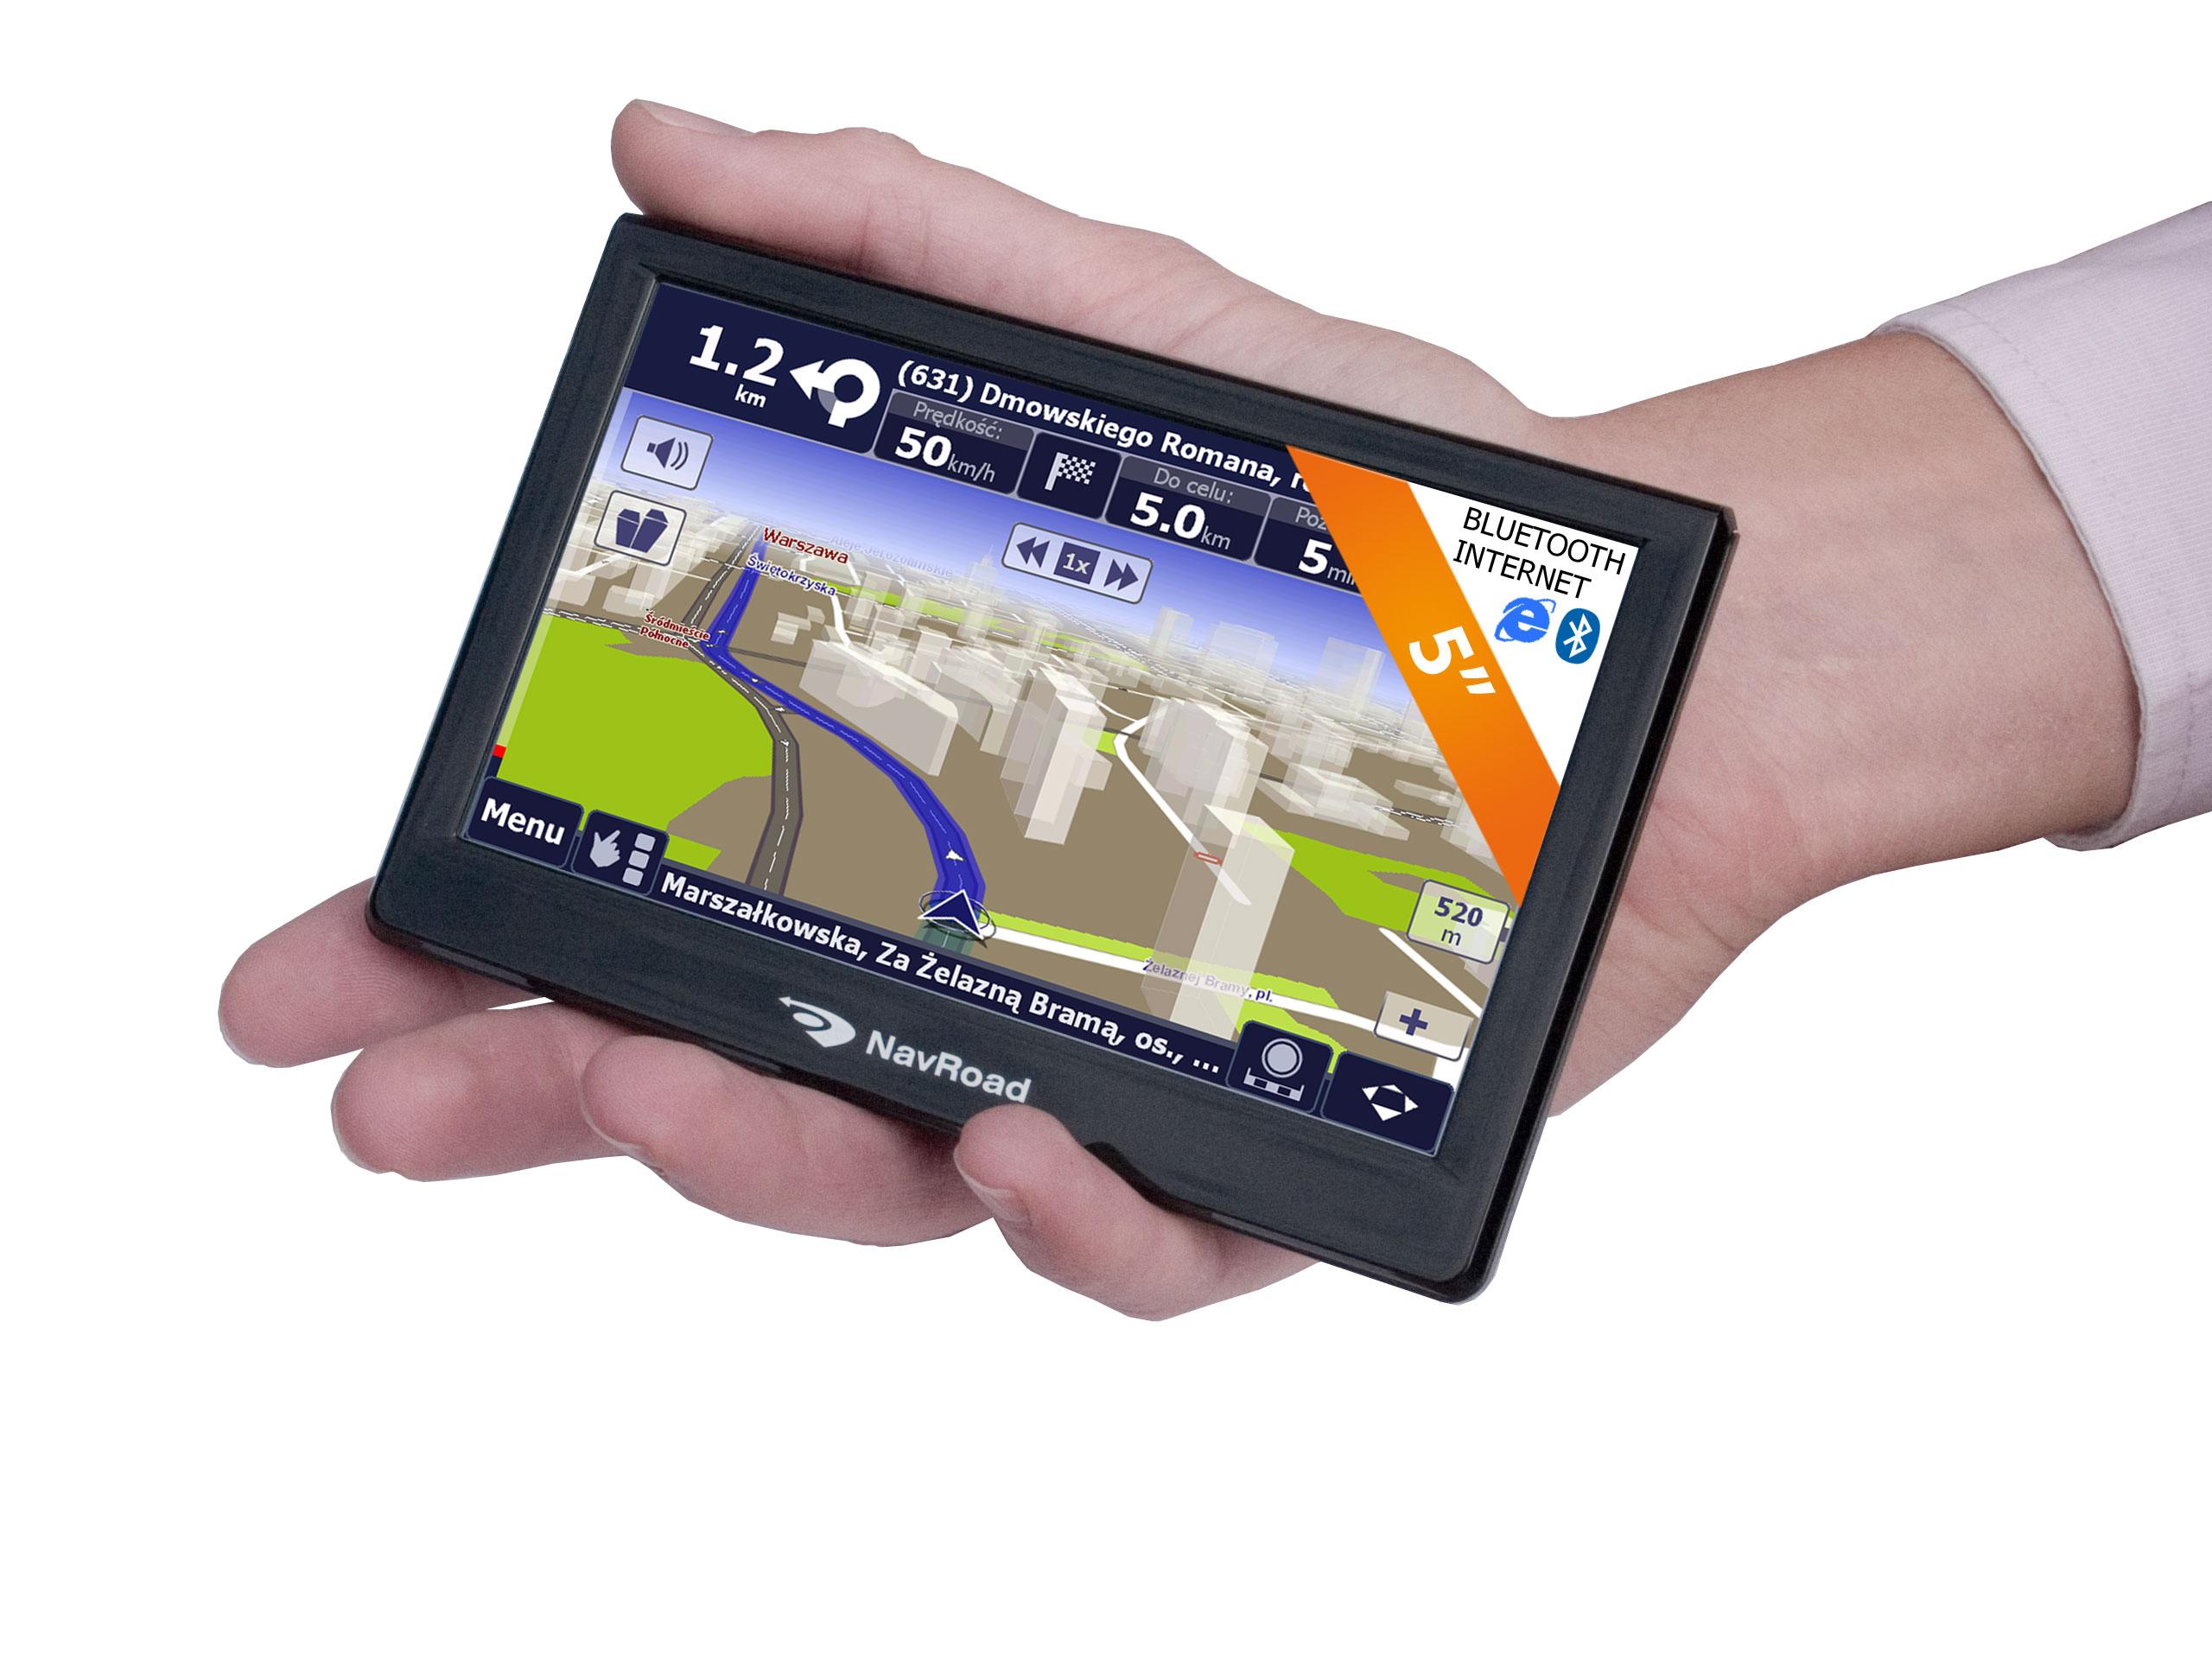 Туристический GPS навигатор - фото, цены